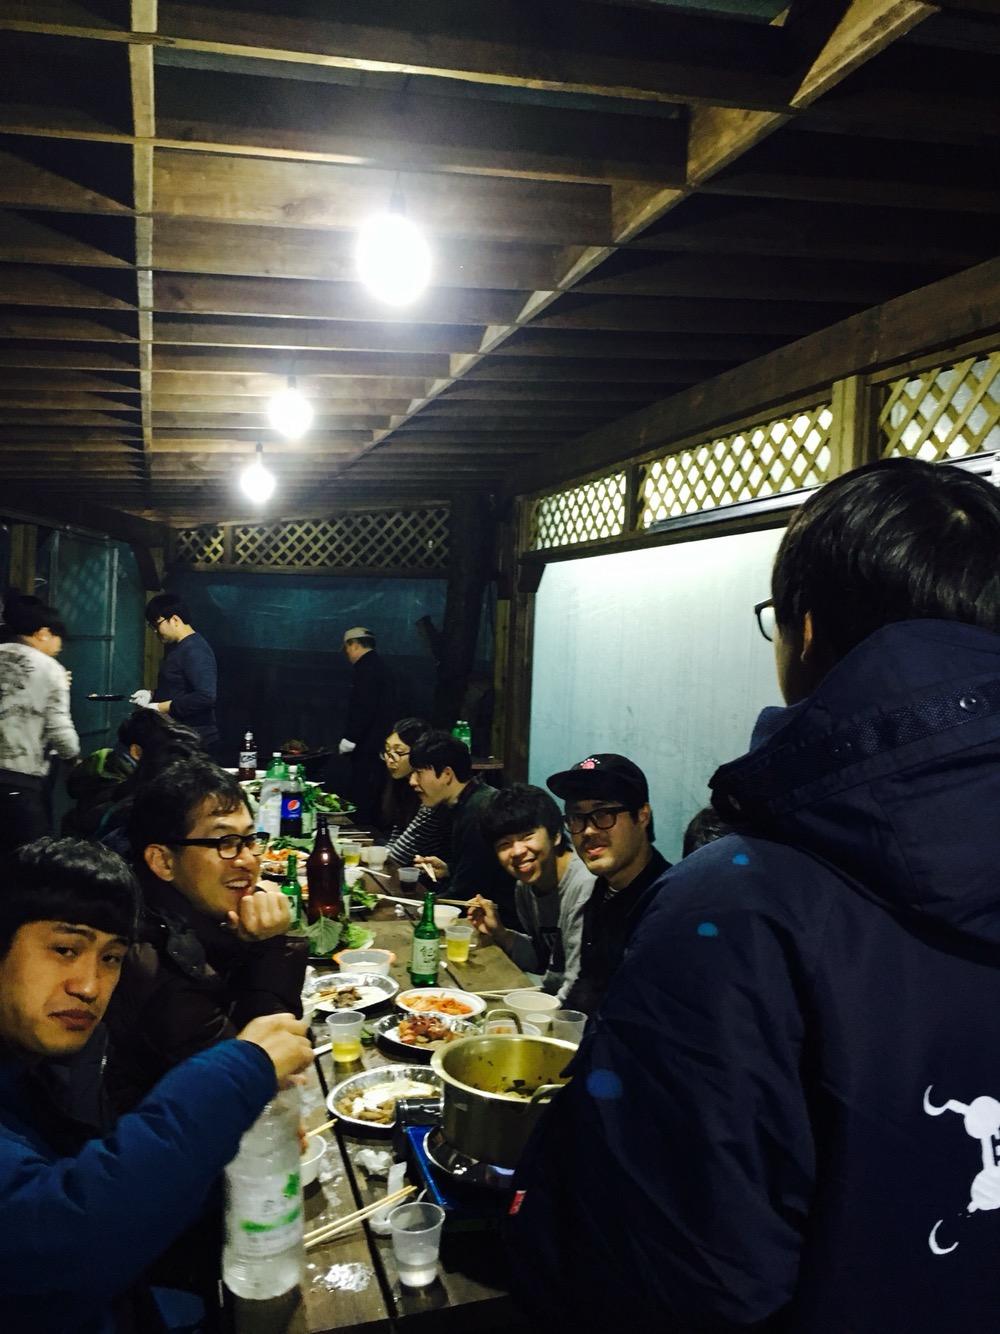 2016.02.12_김해롯데워터파크 MT (37).JPG